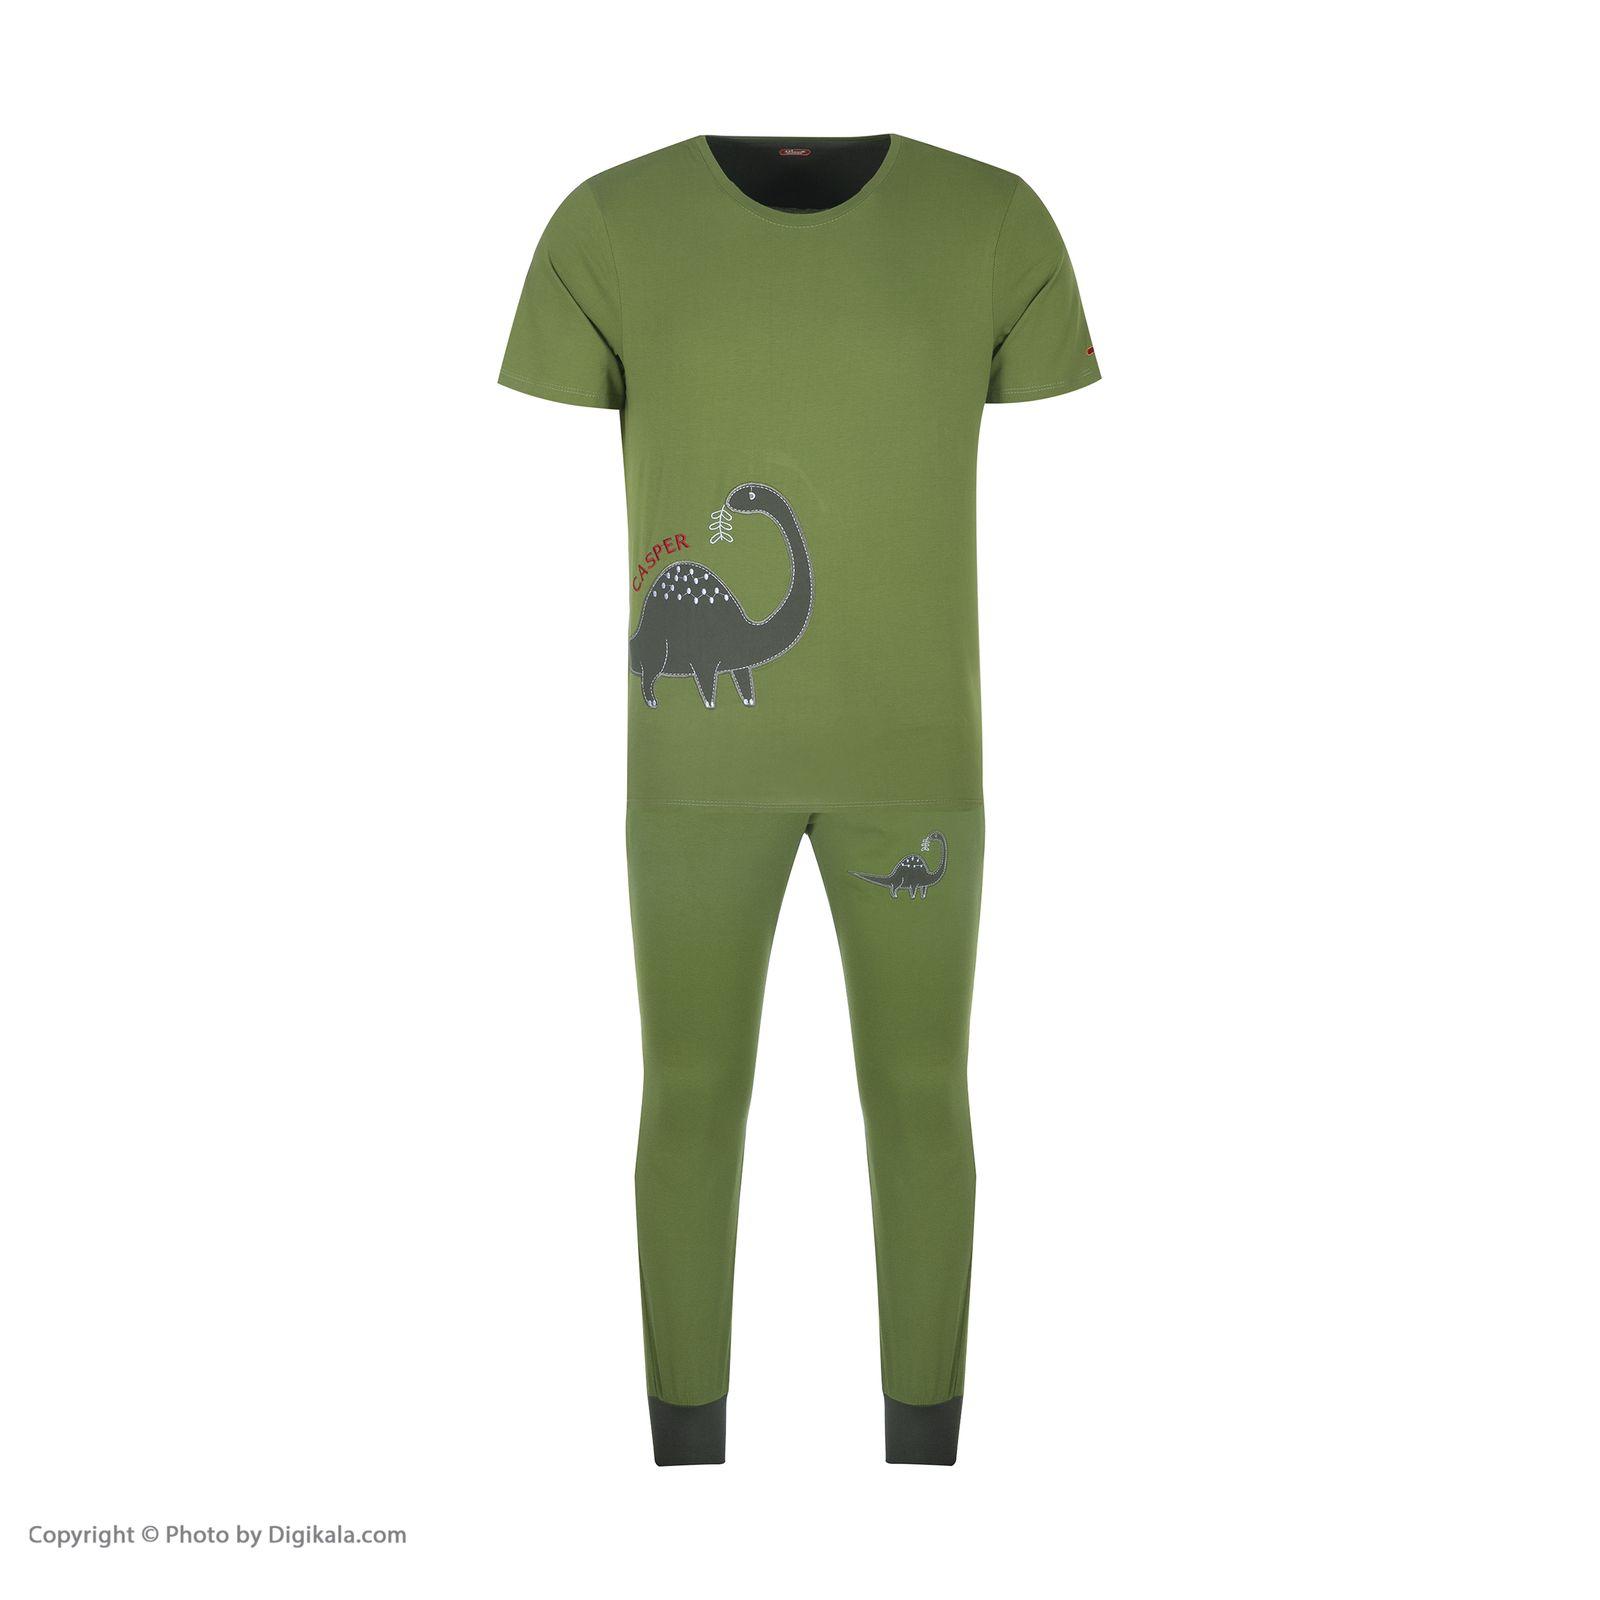 ست تی شرت و شلوارک راحتی مردانه مادر مدل 2041106-42 -  - 3